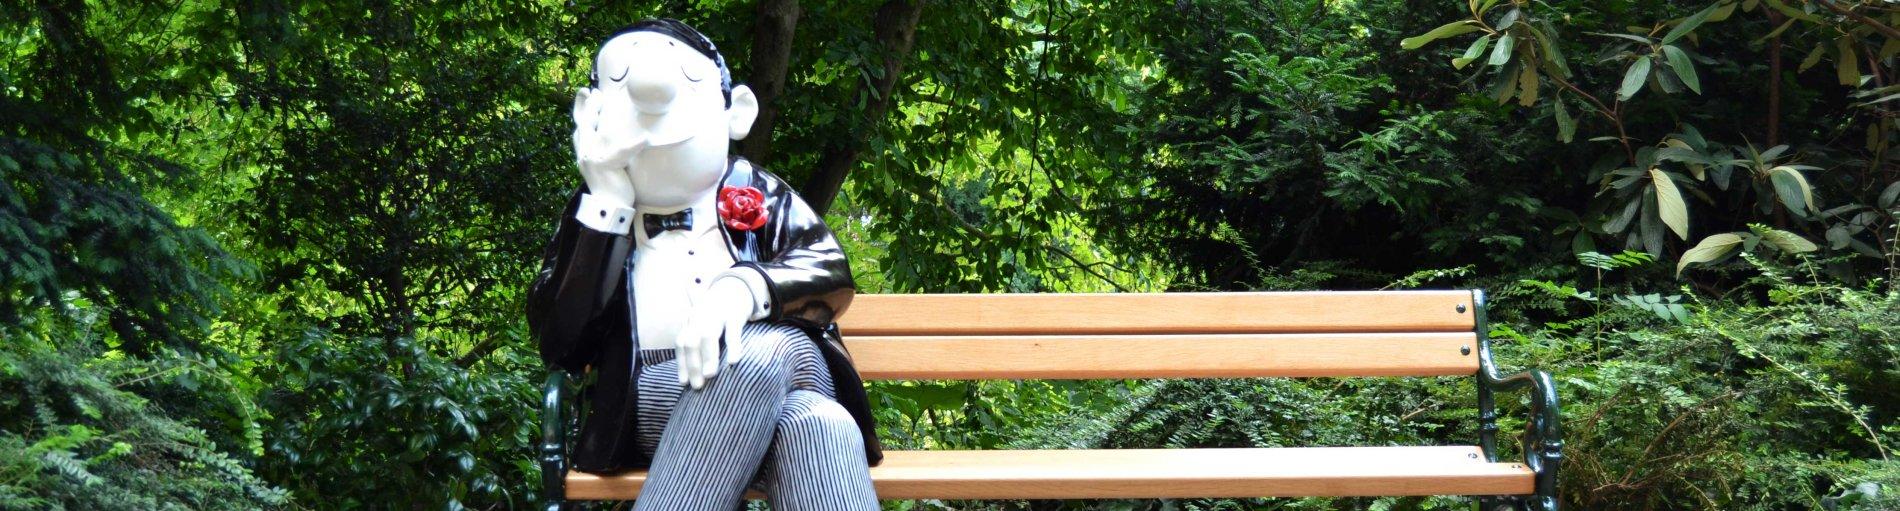 Eine Loriot-Figur sitzt auf einer Bank vor grün bewachsenen Bäumen